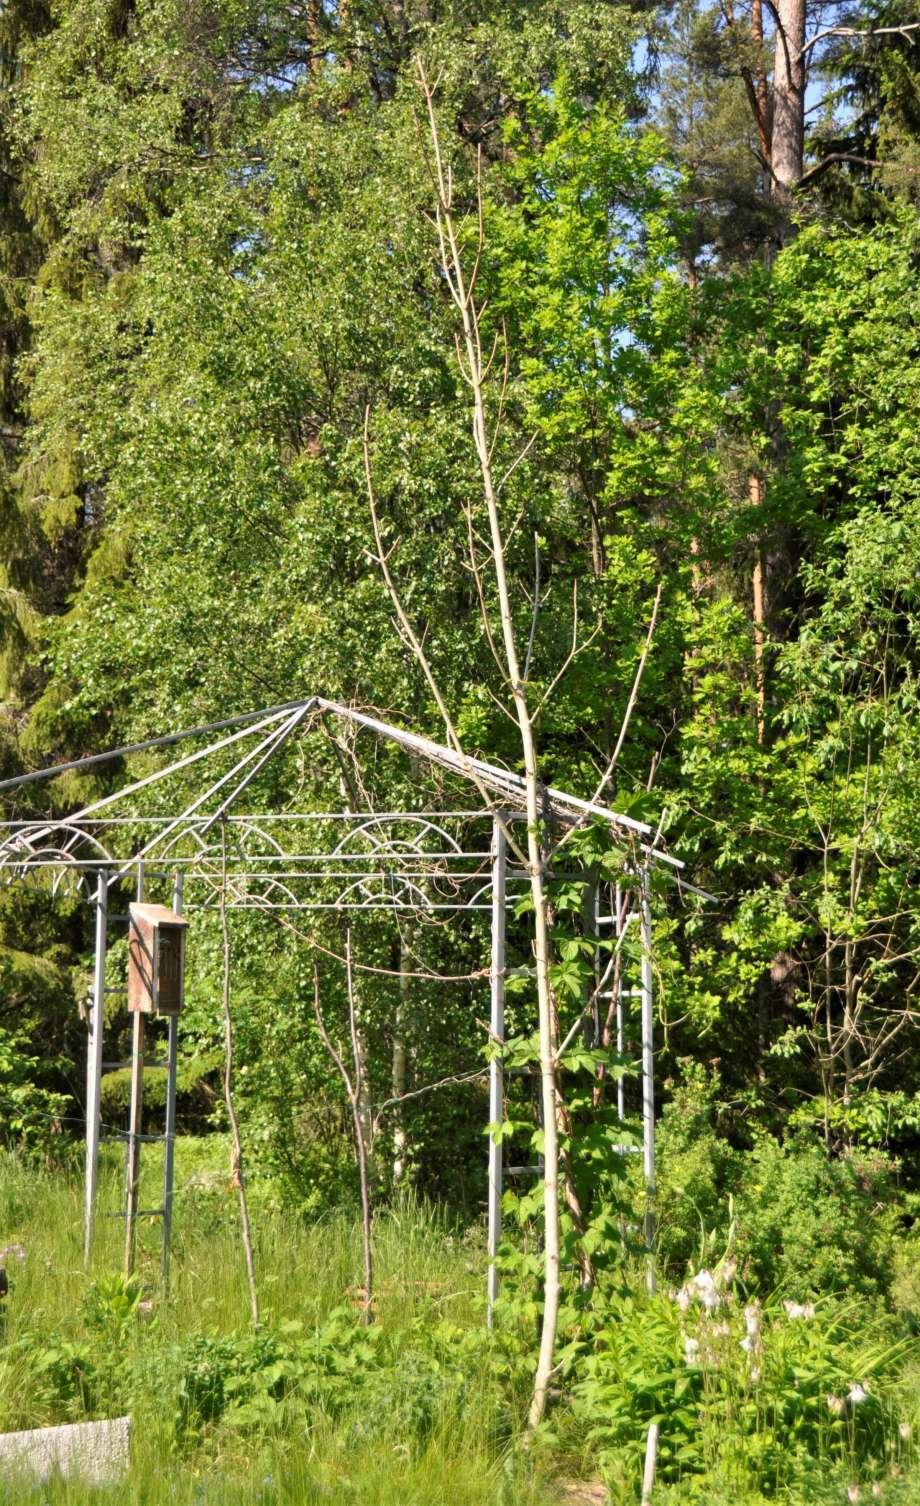 lång gren pekar rakt upp mot himlen. den är fastsatt i kanten av pergolan. runt basen av grenen slingrar sig humlen.